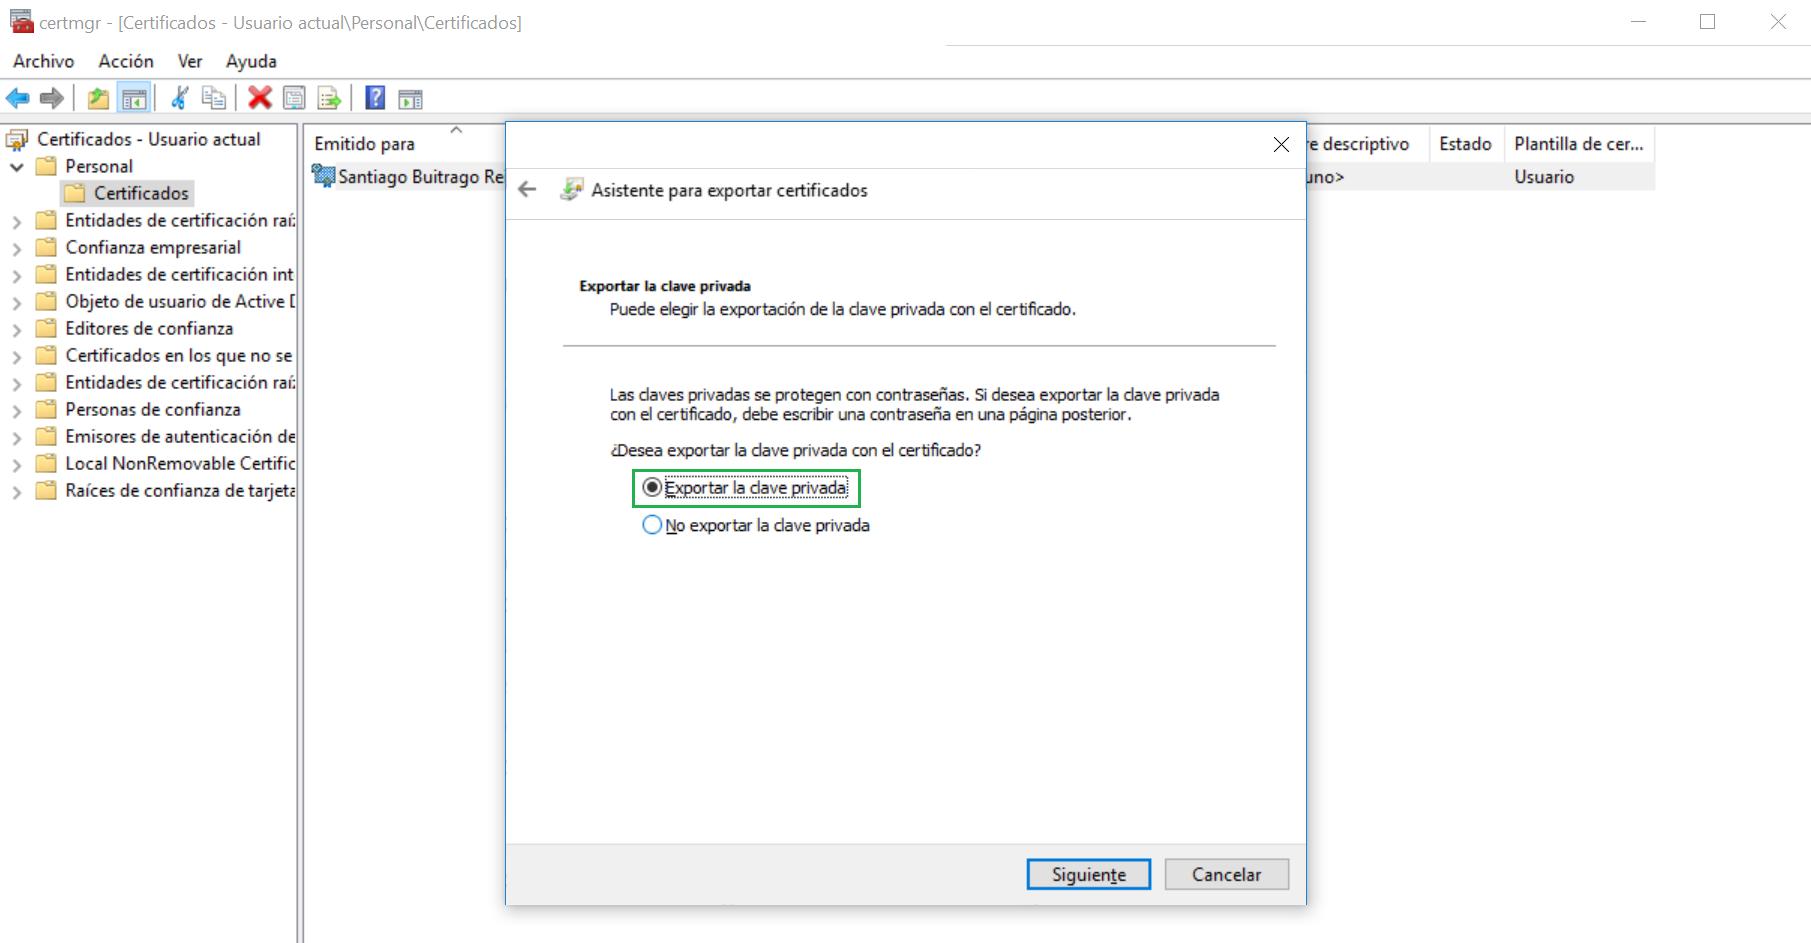 instalar_certificados_usuarios_via_gpo_04